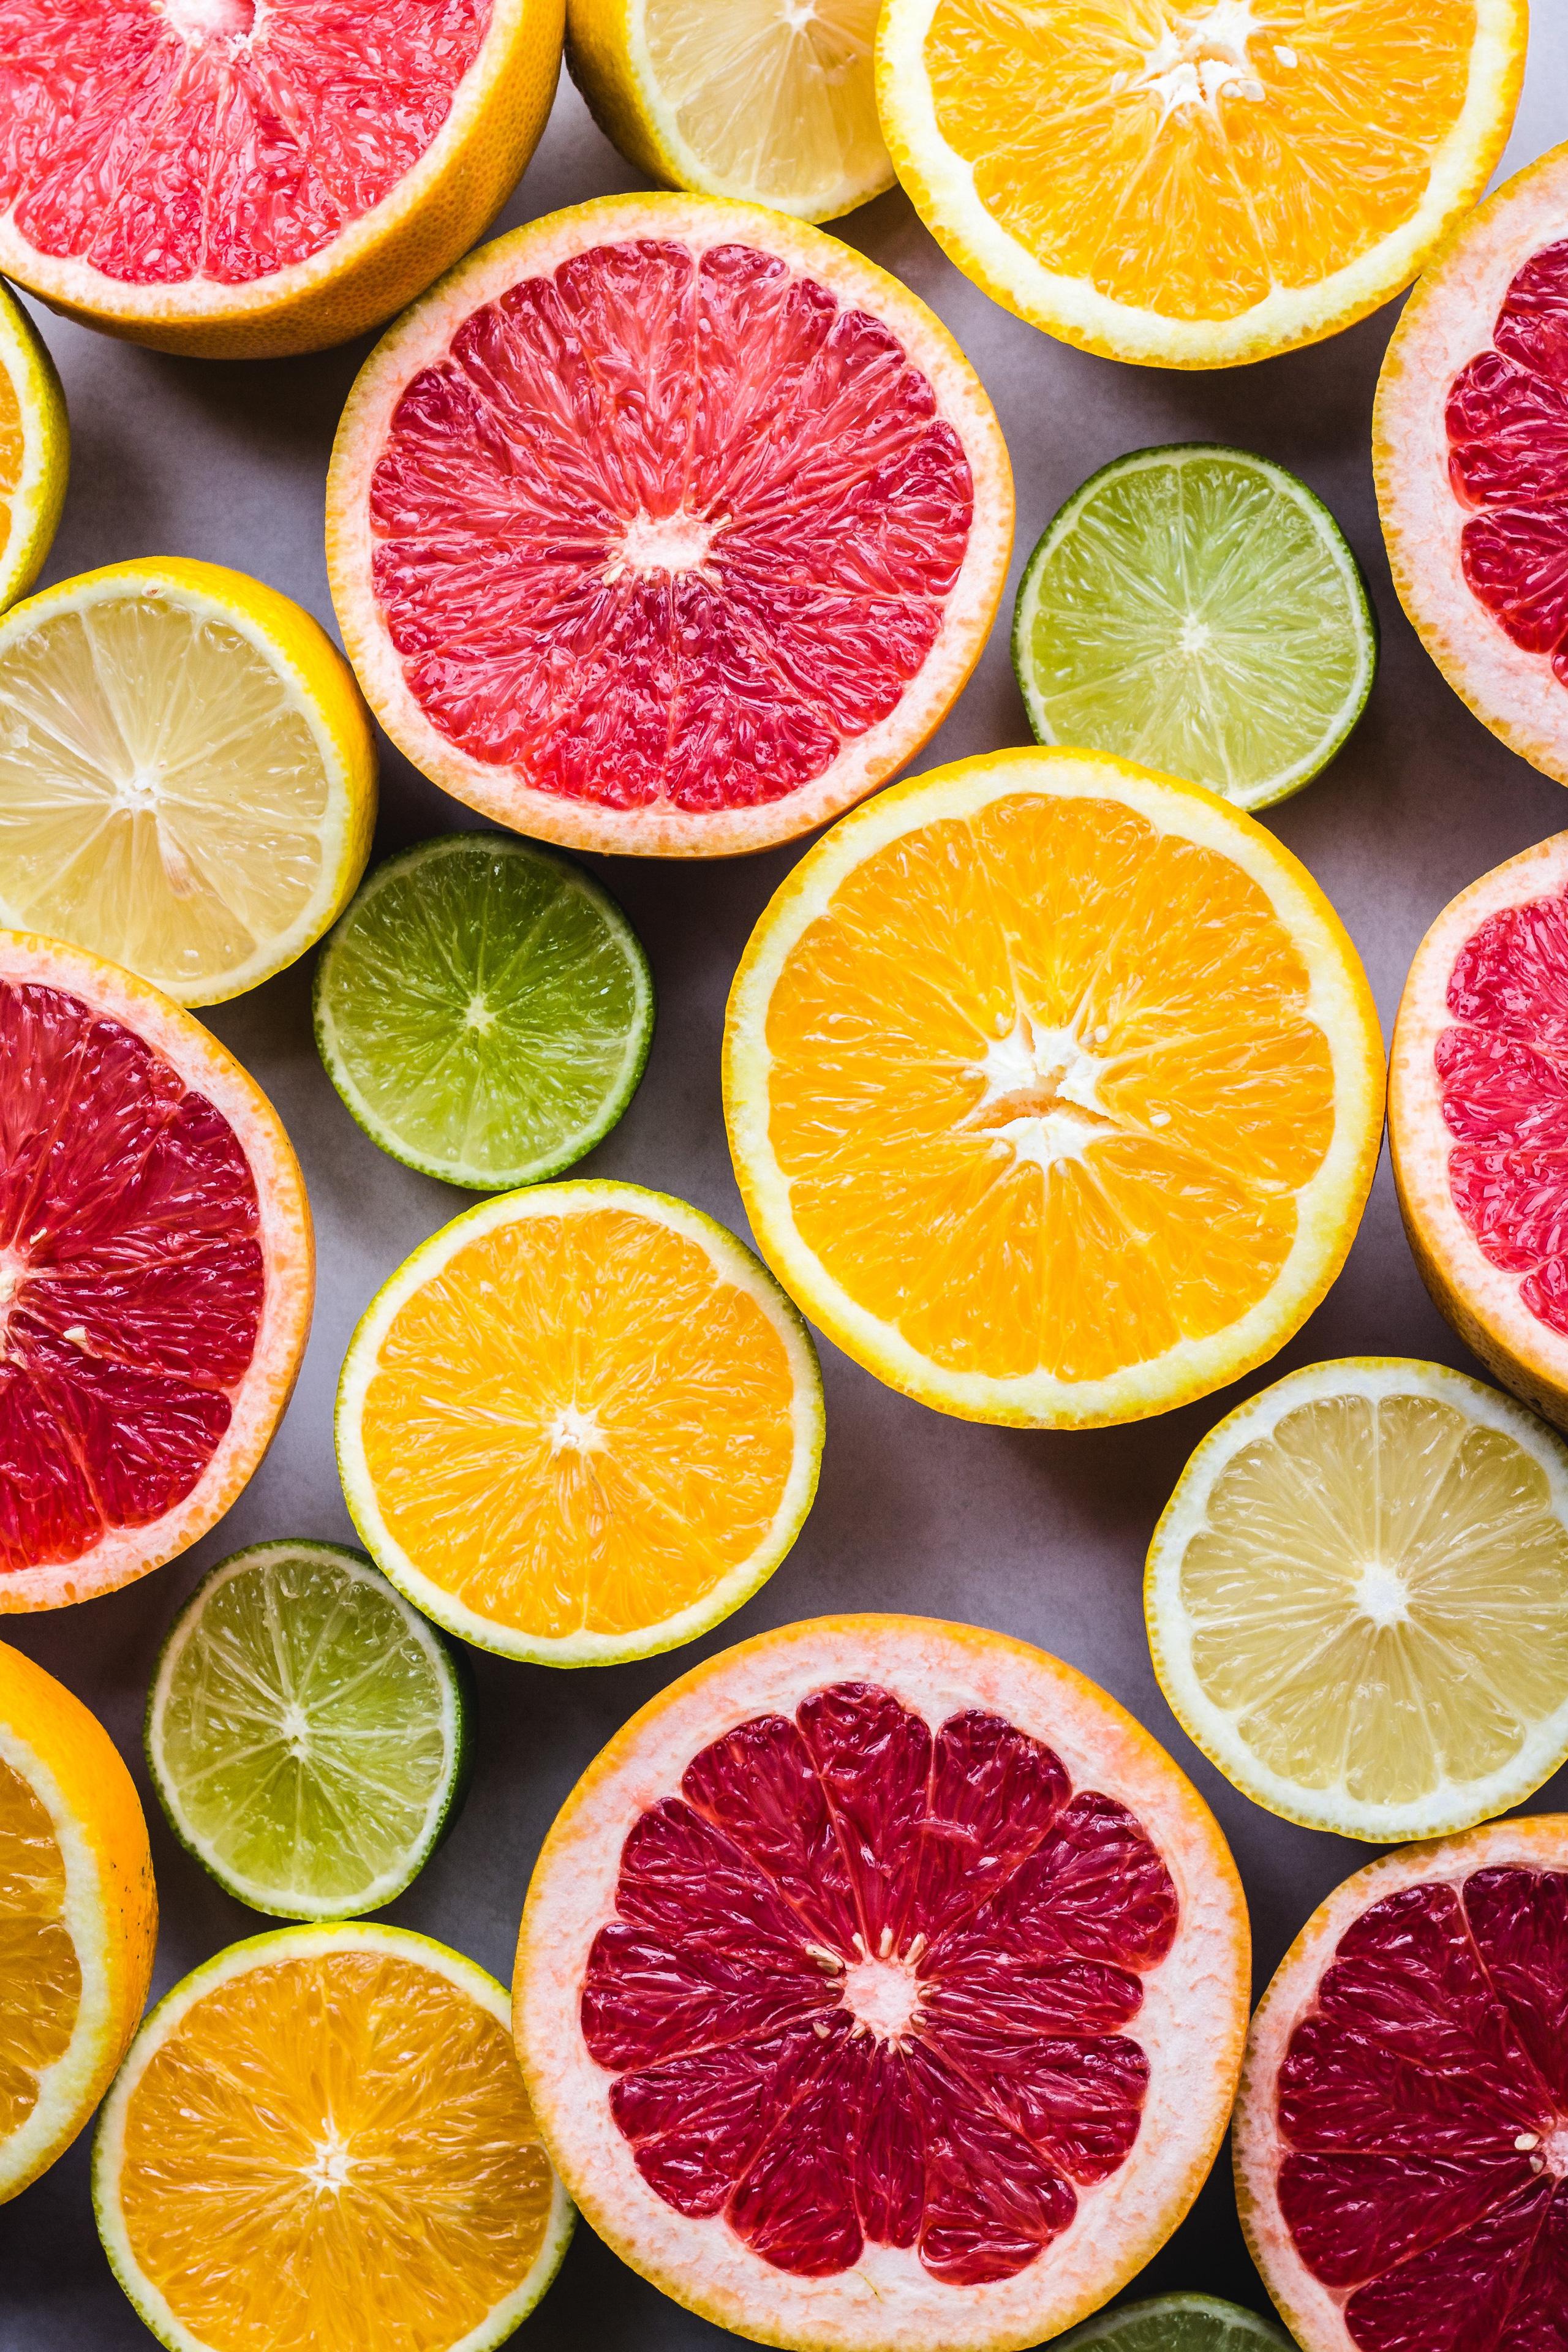 Chuyên gia khuyên chị em ăn 7 loại quả này vào buổi sáng để giảm cân, giữ eo thon bền vững - Ảnh 2.